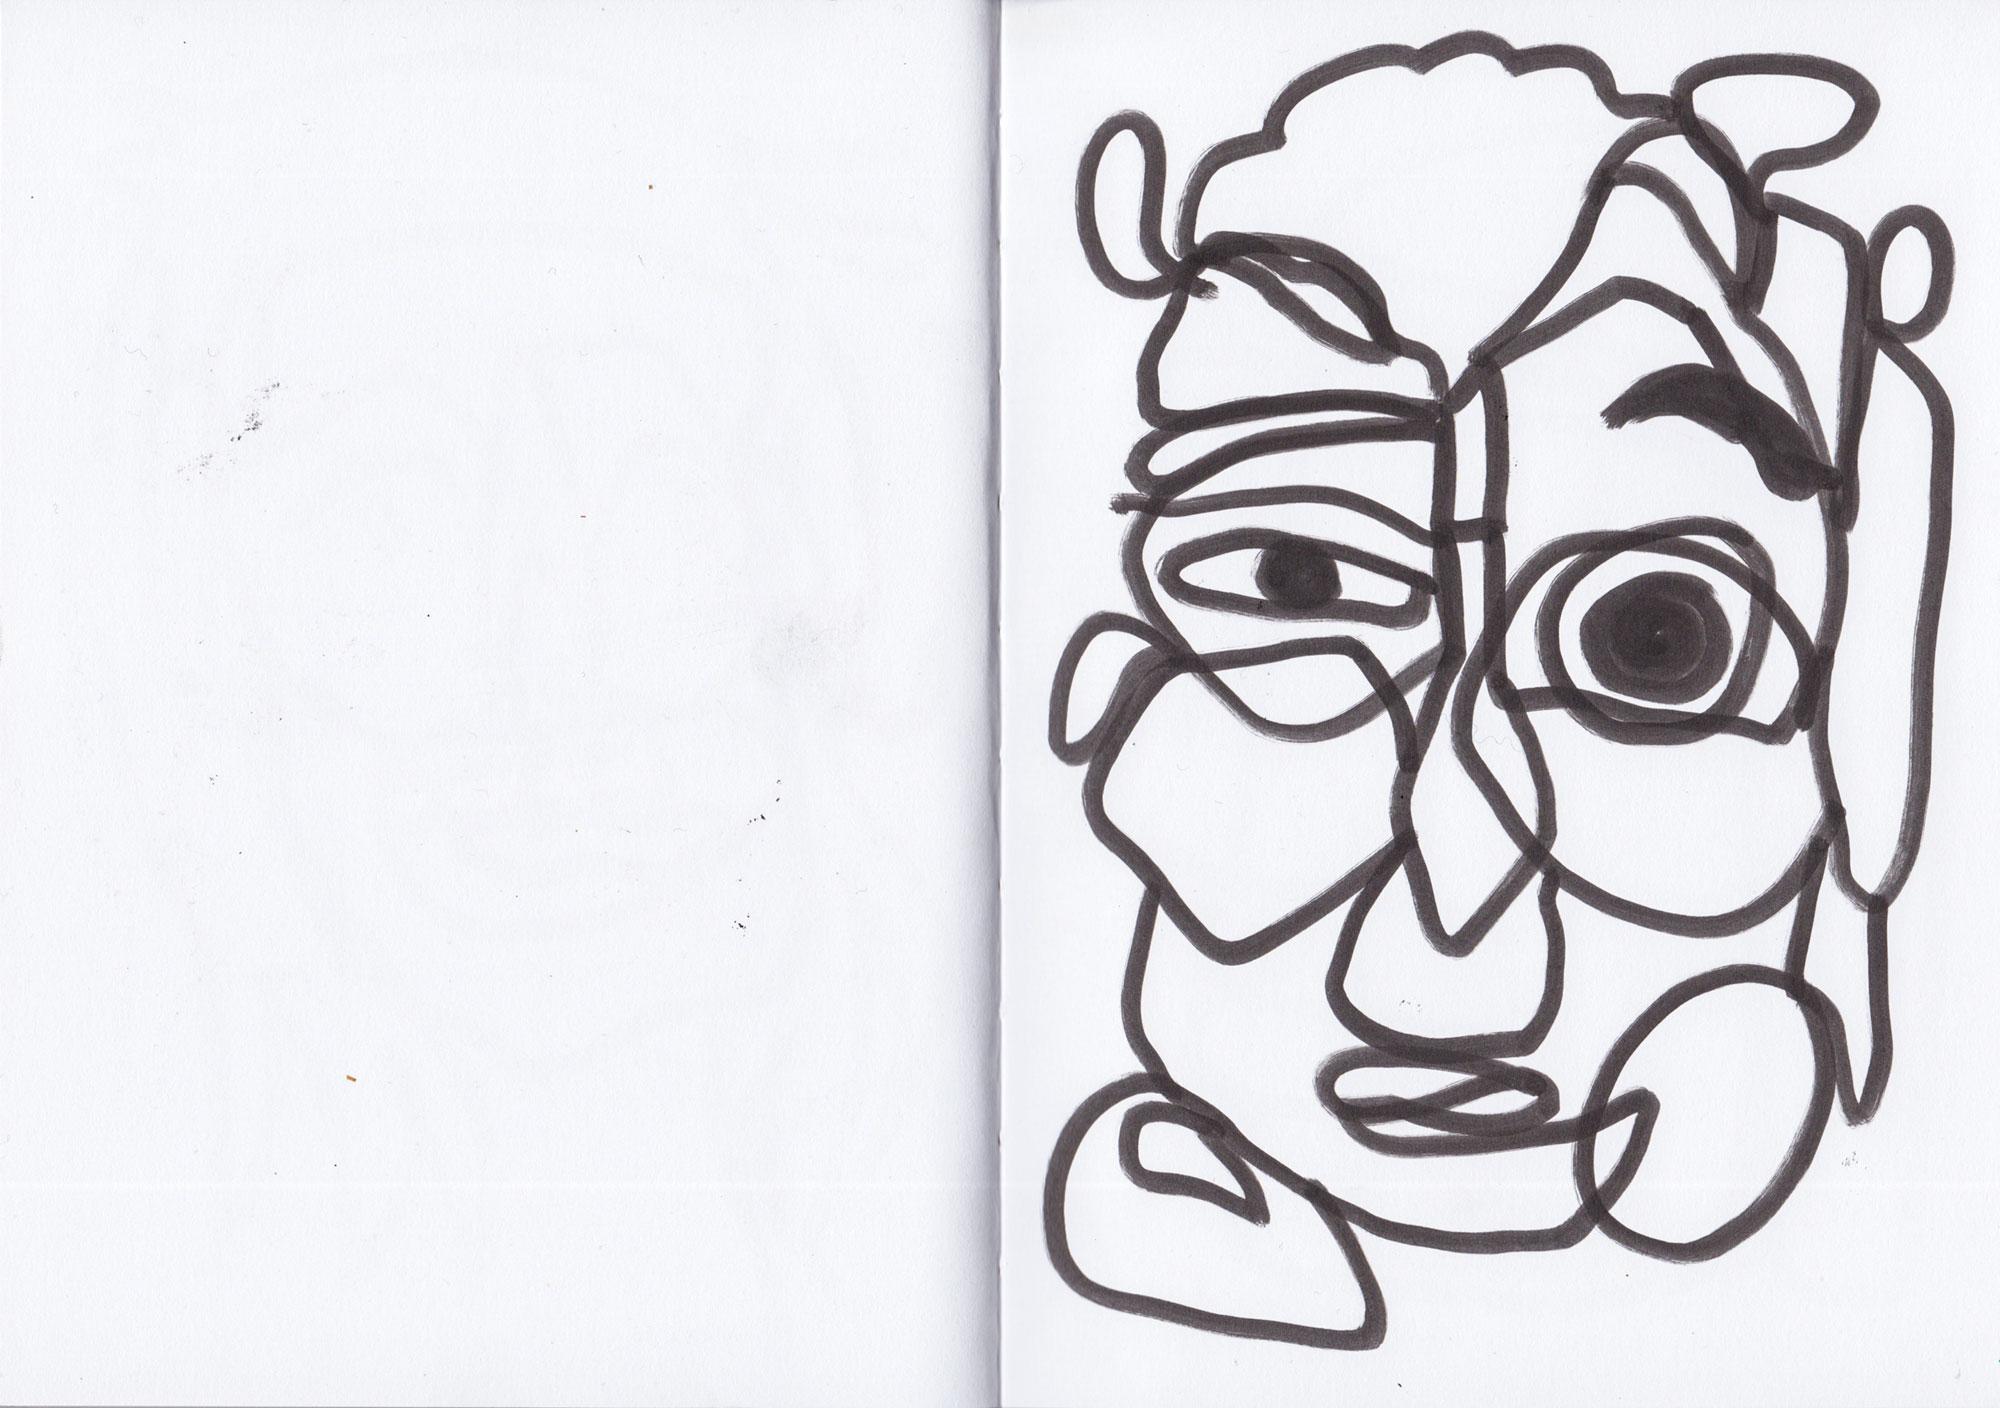 18-Scan-Book-FACES-DA-27